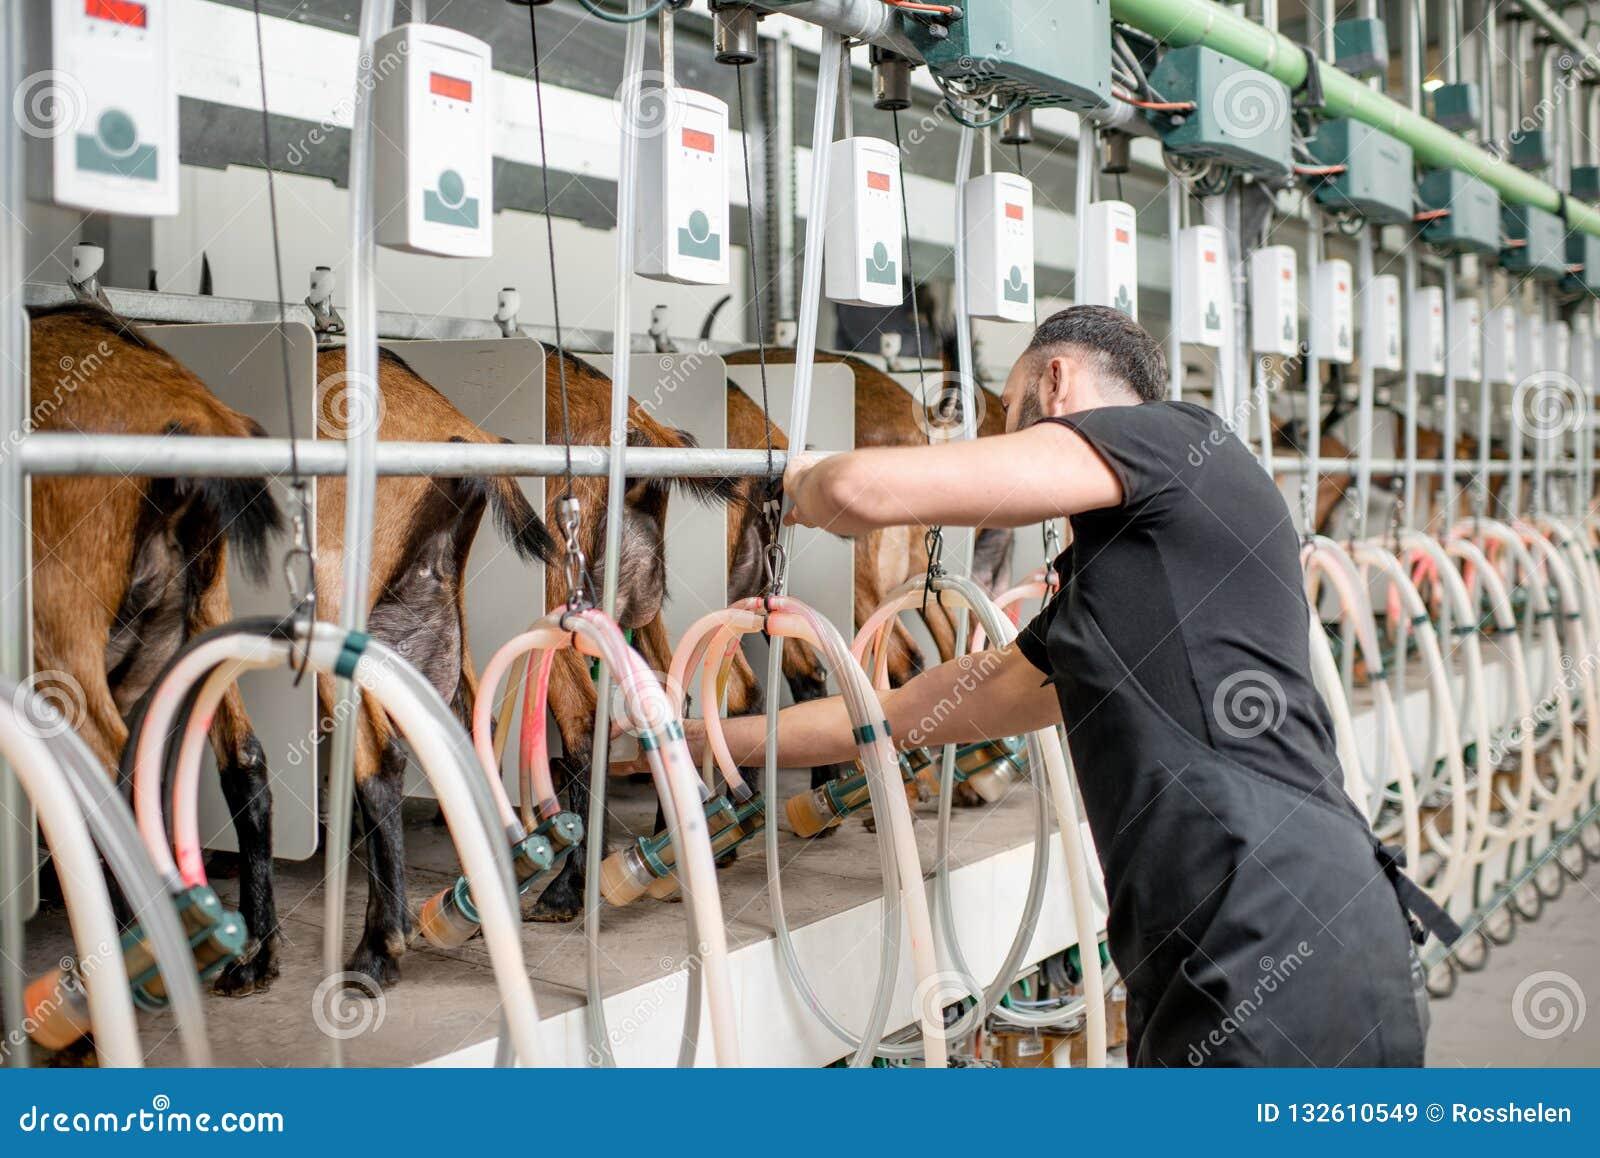 Mann melkmaschine für den China präsentiert: